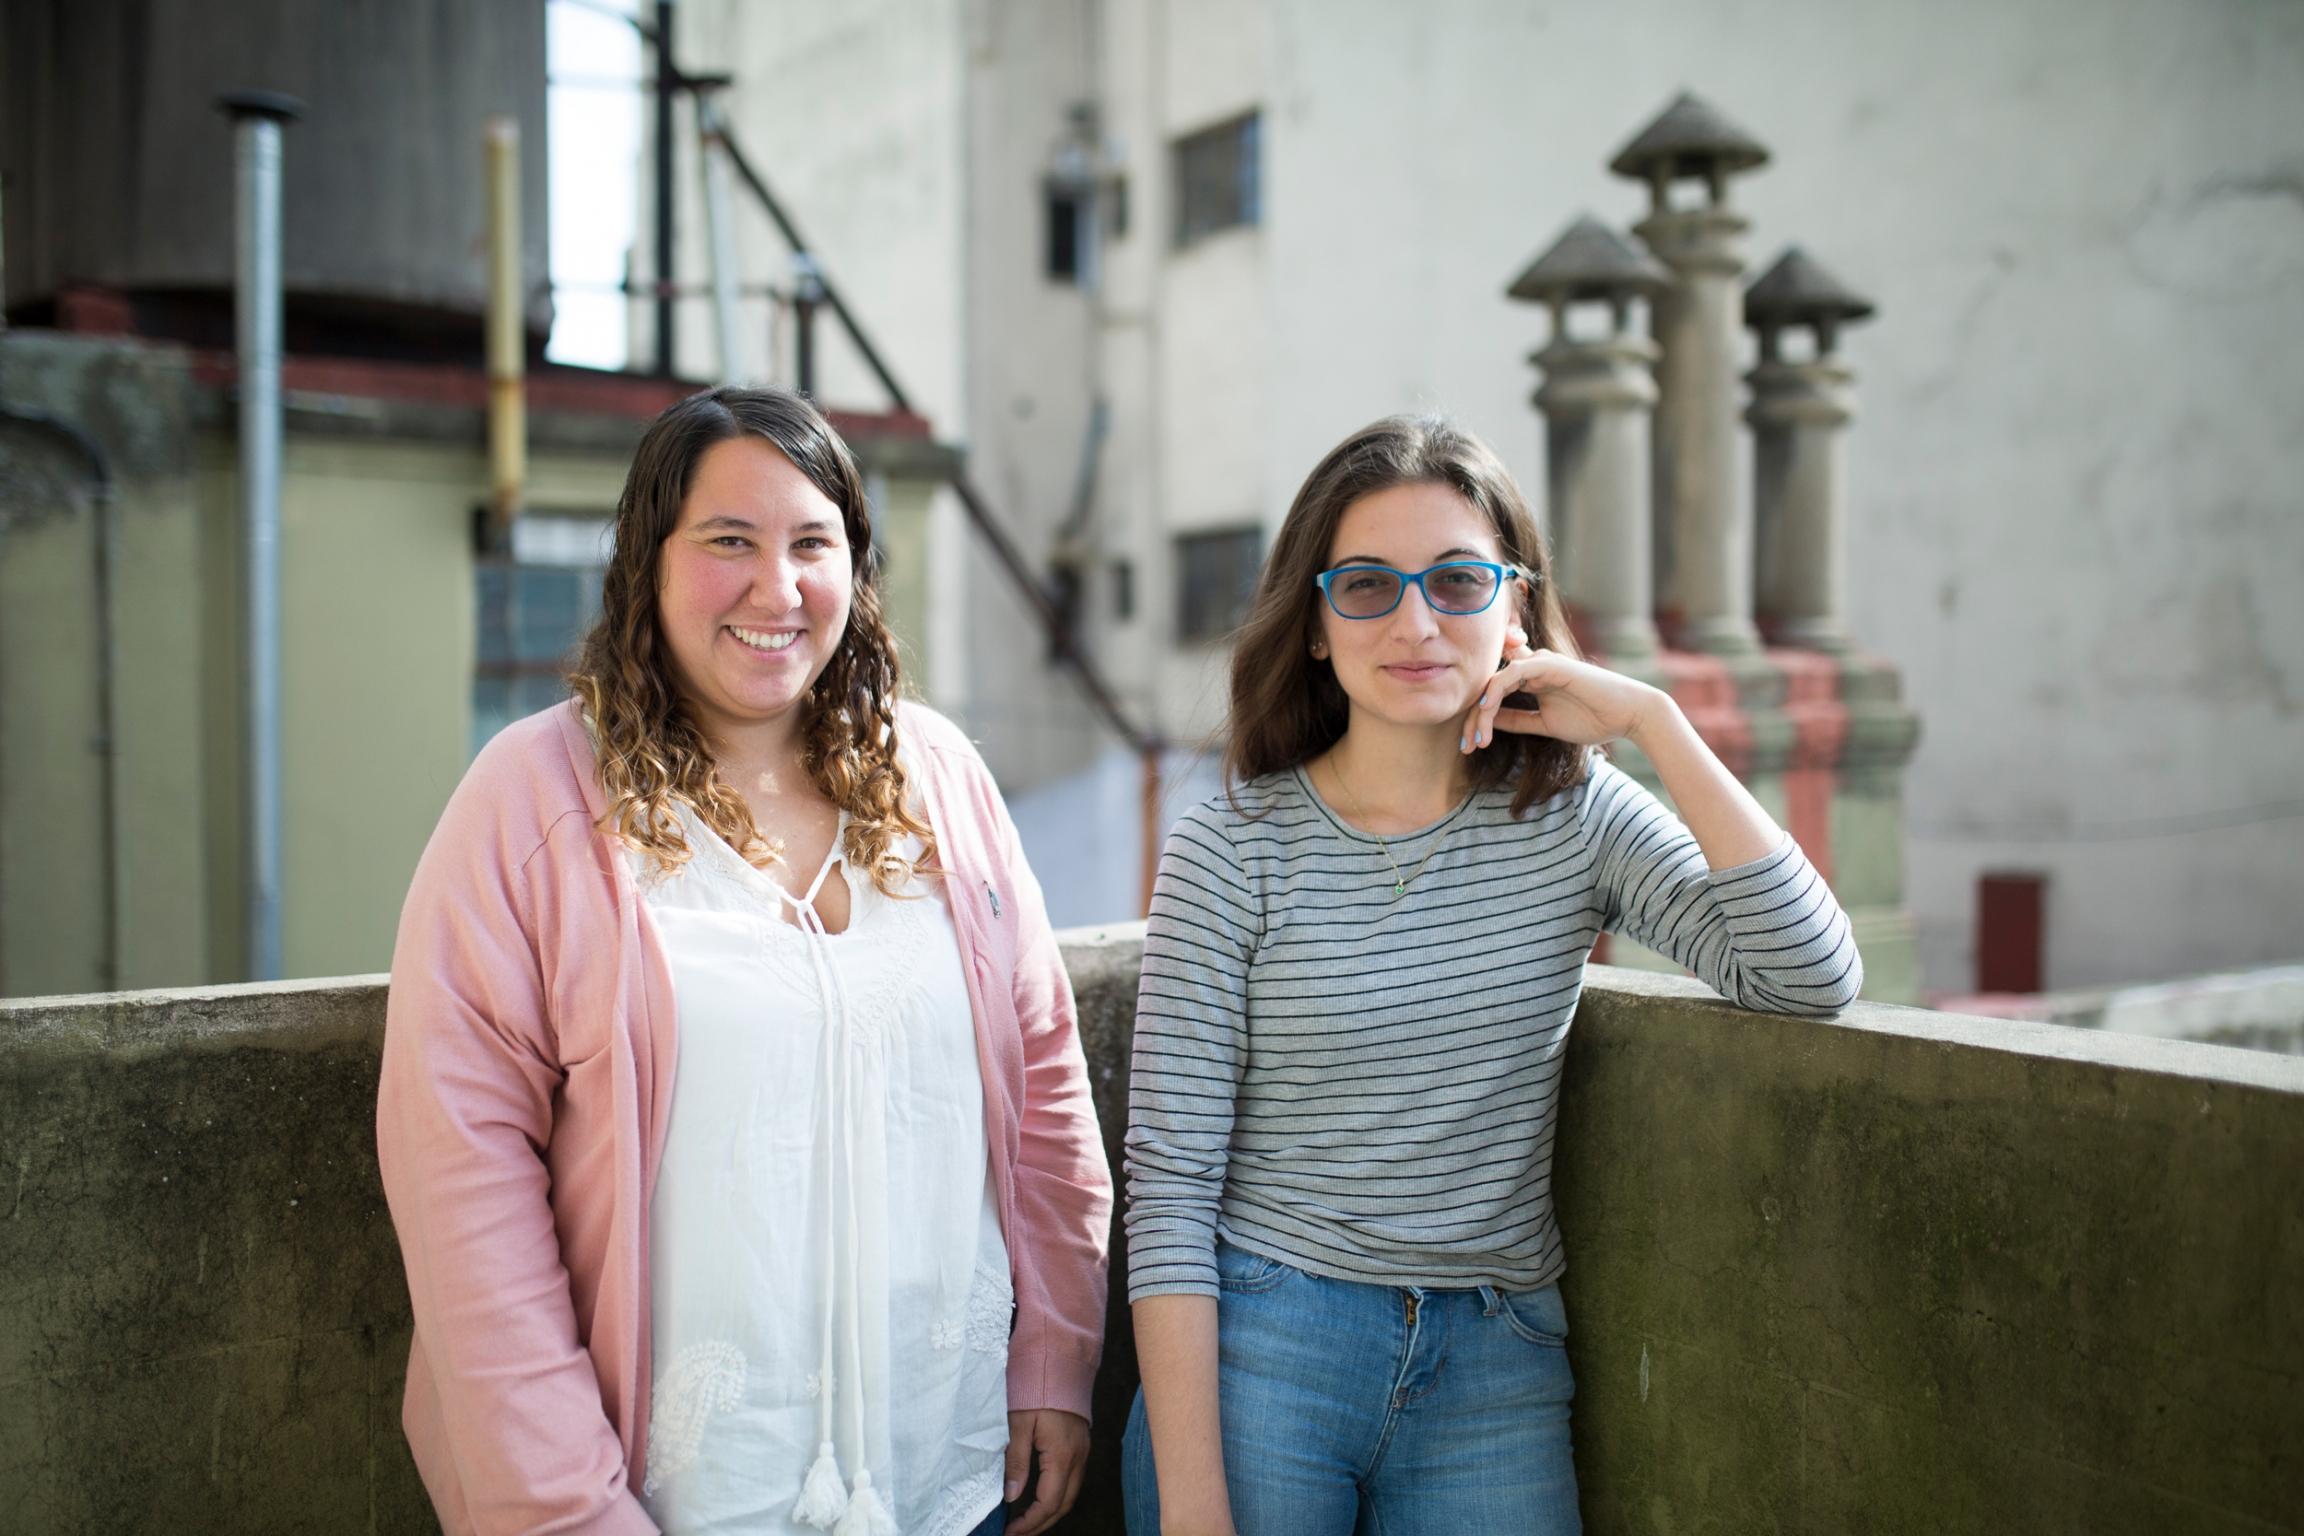 Two women standing outside.